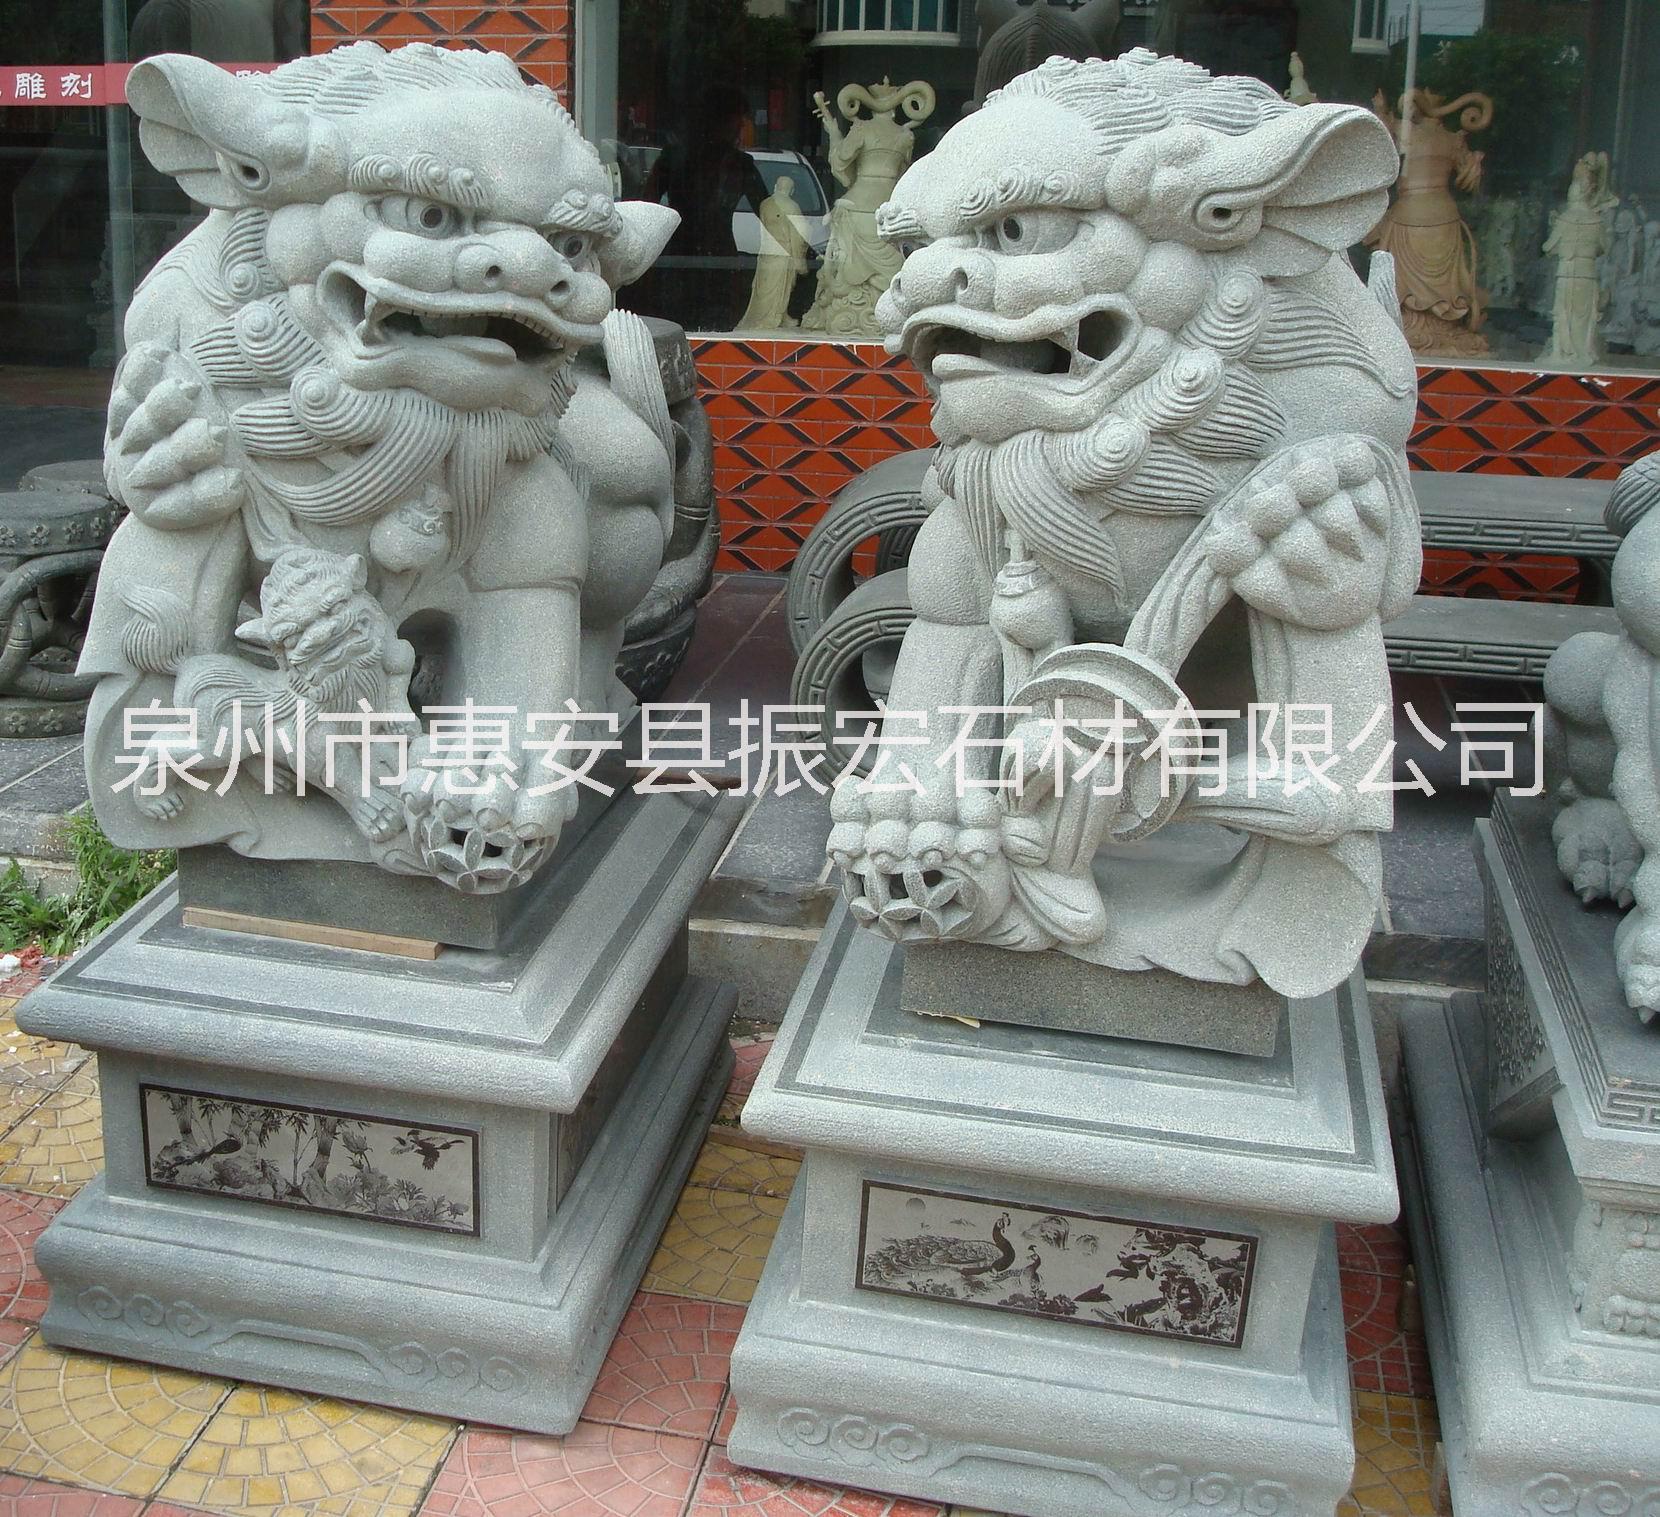 广场石雕 泉州广场石雕定制  泉州广场石雕价格 泉州广场石雕 石雕狮子